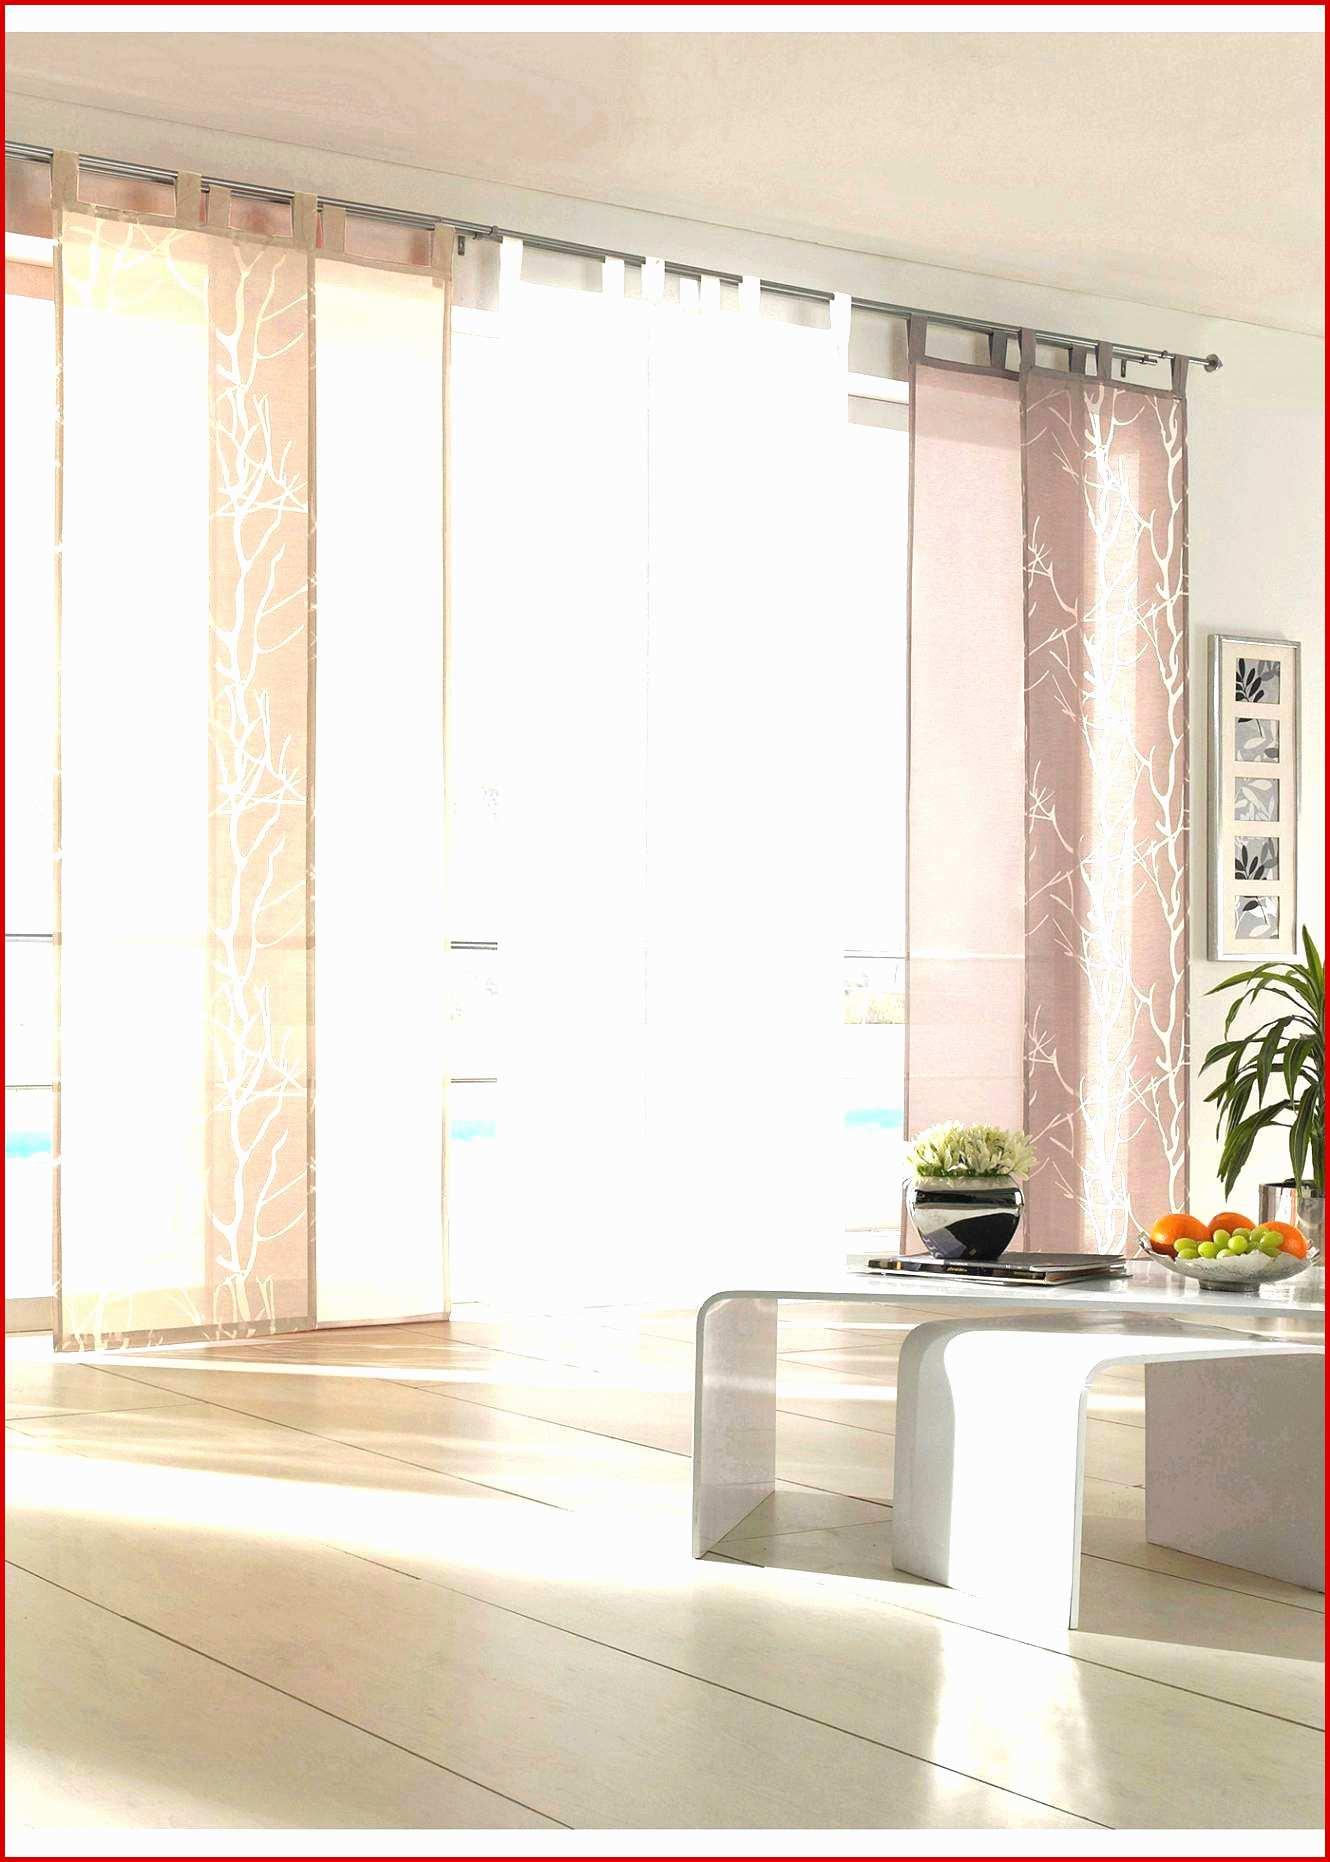 Full Size of Moderne Scheibengardinen Wohnzimmer Elegant Modernes Bett Sofa Küche 180x200 Deckenleuchte Landhausküche Esstische Bilder Fürs Duschen Wohnzimmer Moderne Scheibengardinen